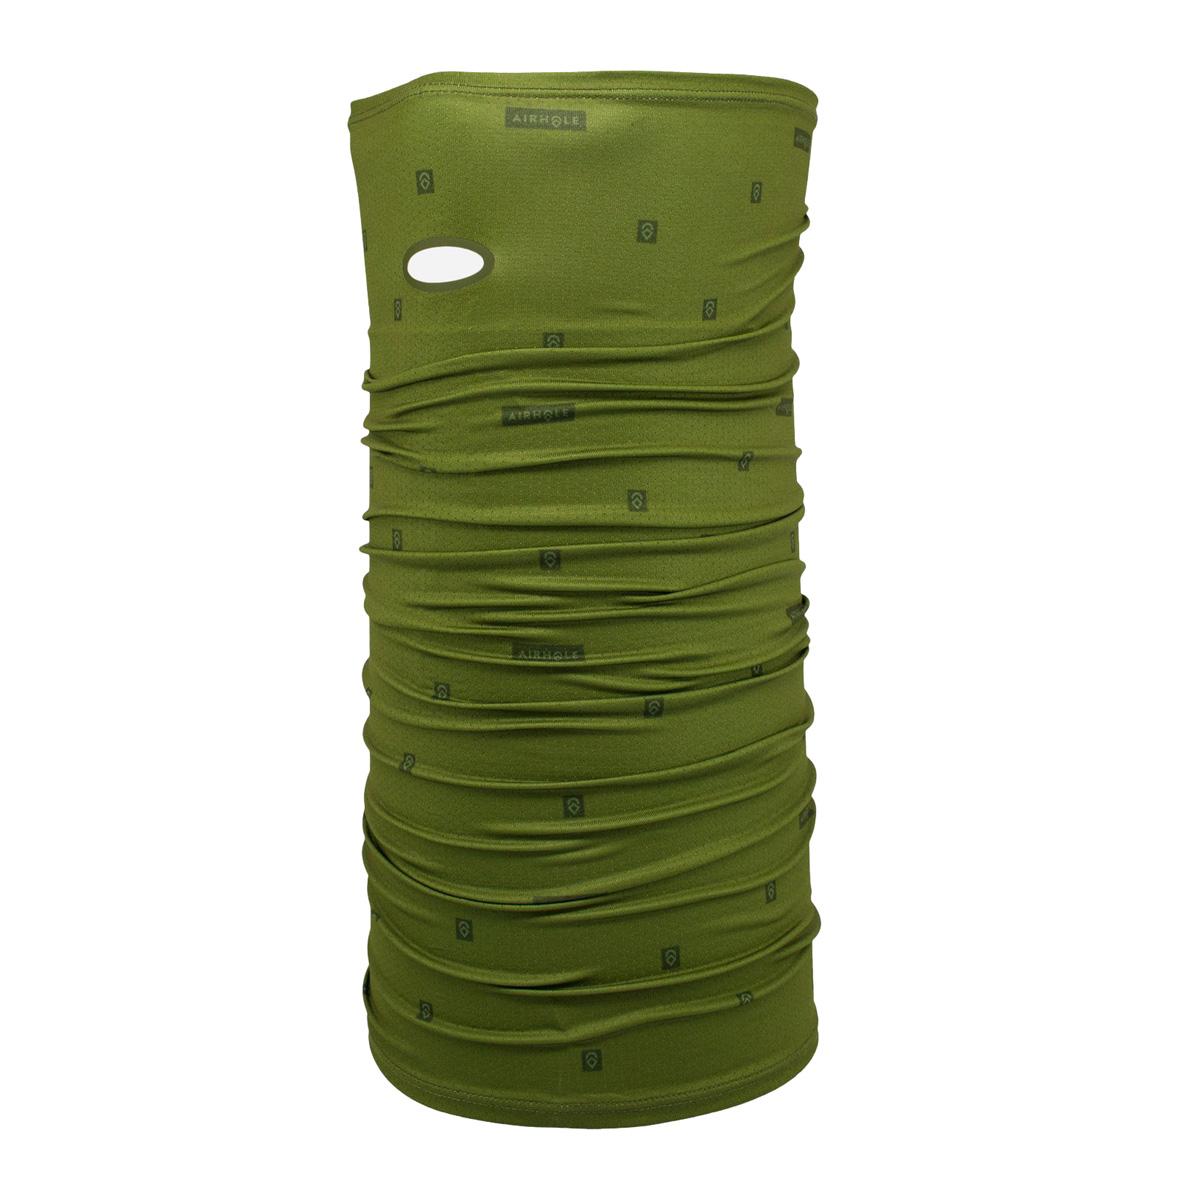 Airhole Airtube -  Drylite